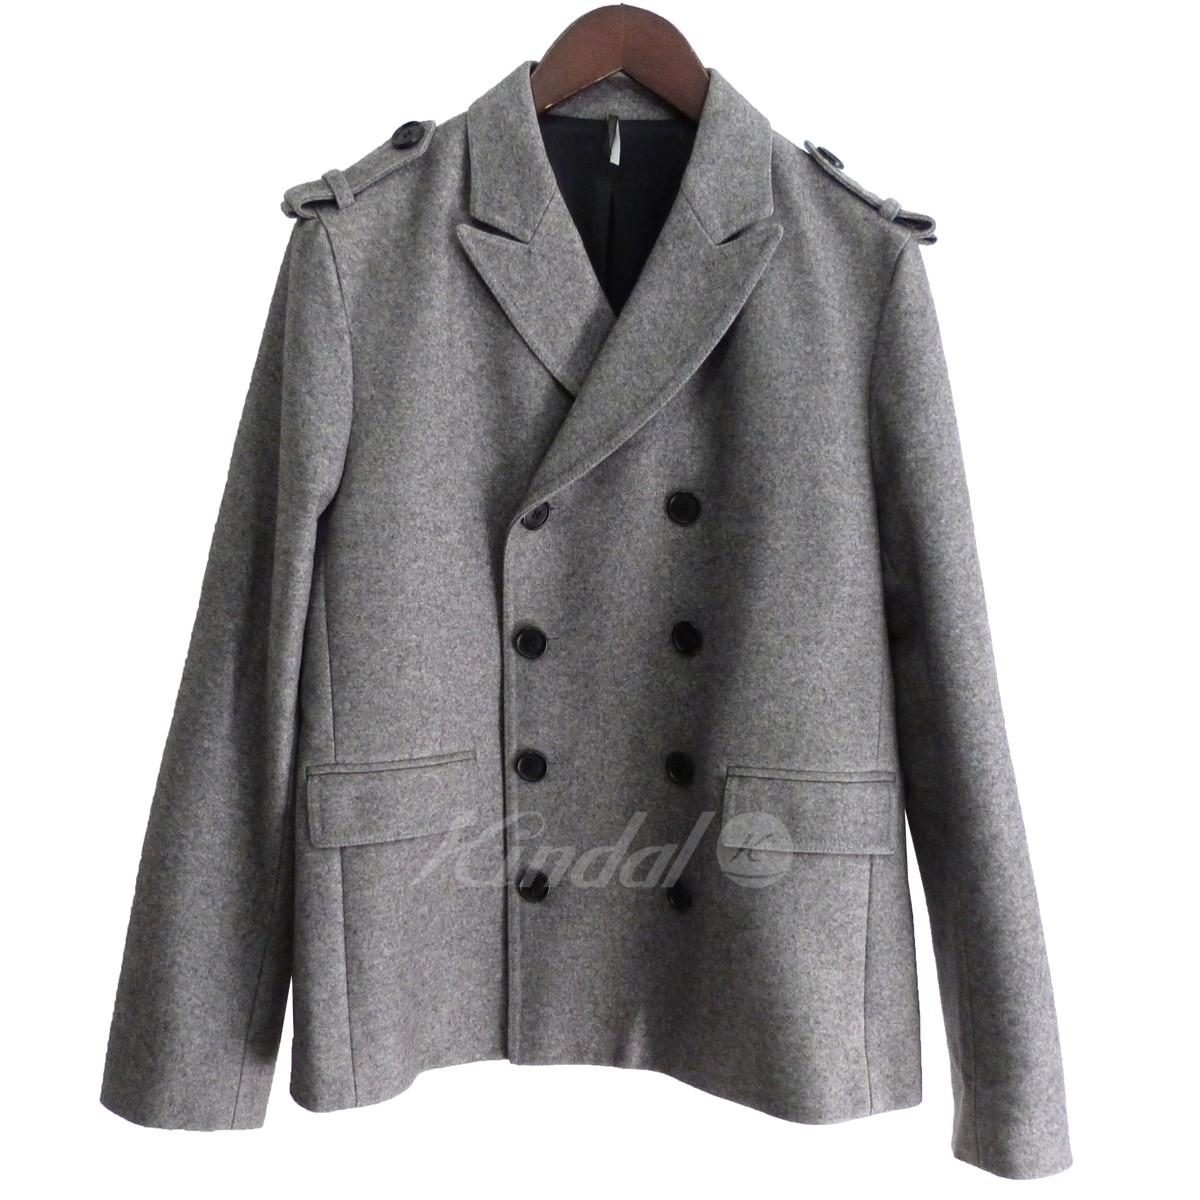 【中古】Dior Homme 08AW メルトンPコート グレー サイズ:44 【送料無料】 【281018】(ディオールオム)